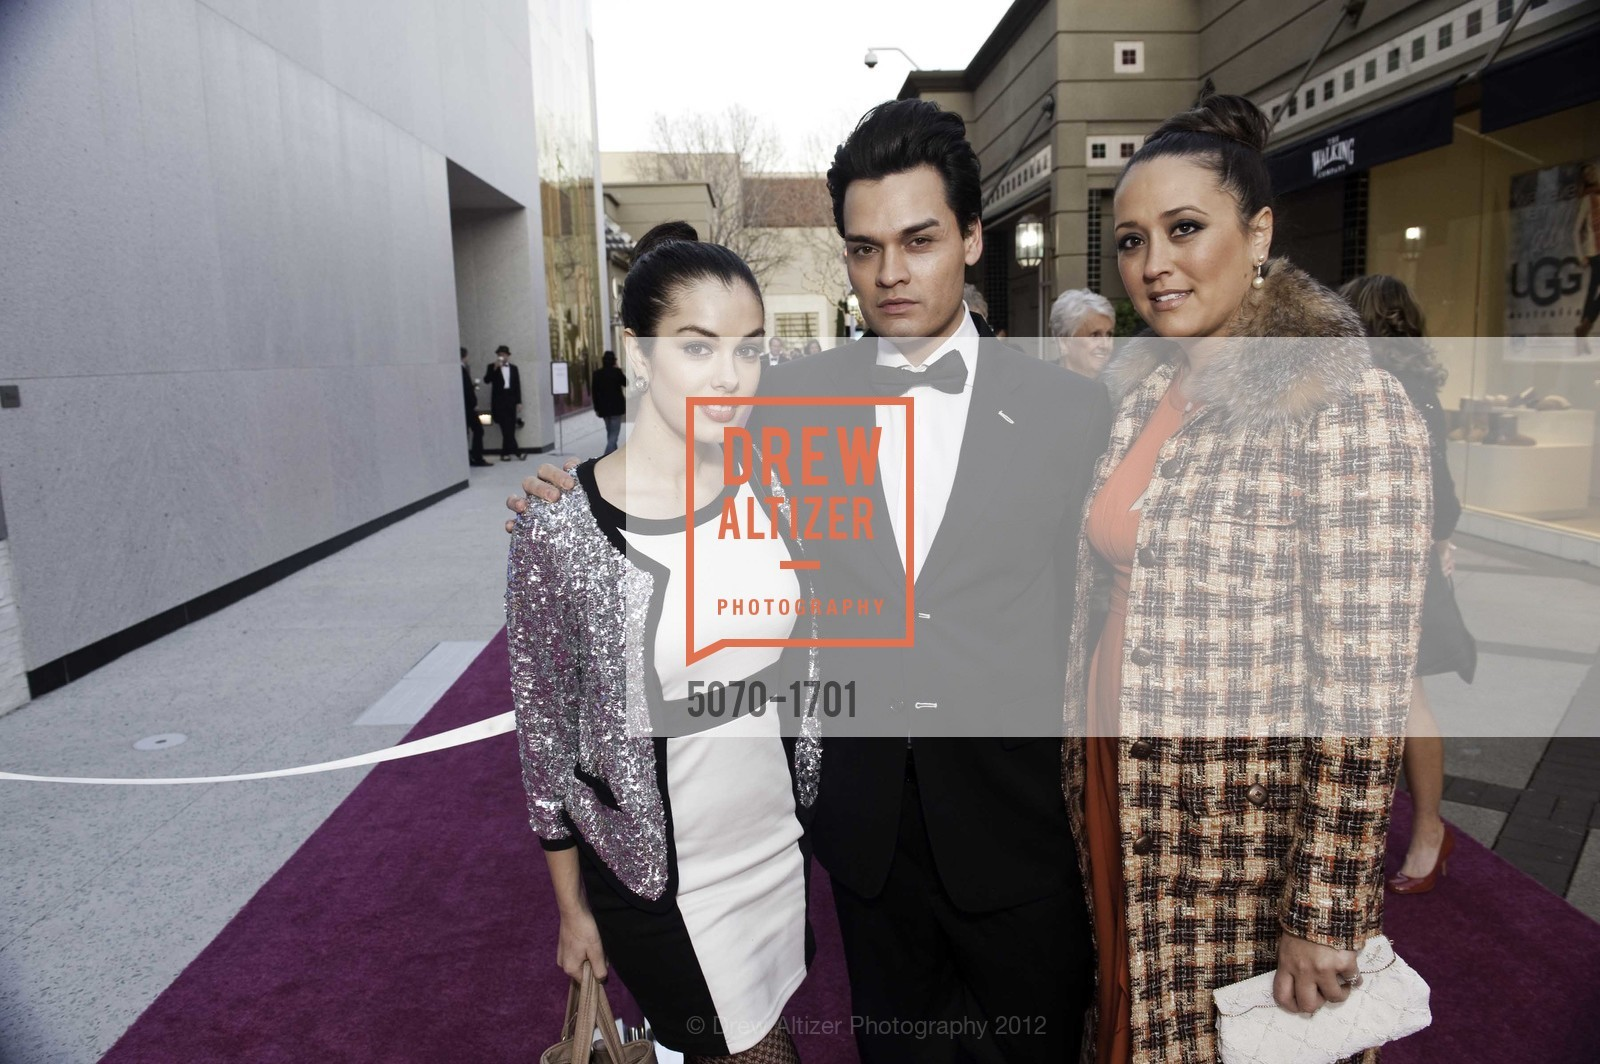 Kayla Bresee, Ivan Castro, Marissa Dombroski, Photo #5070-1701